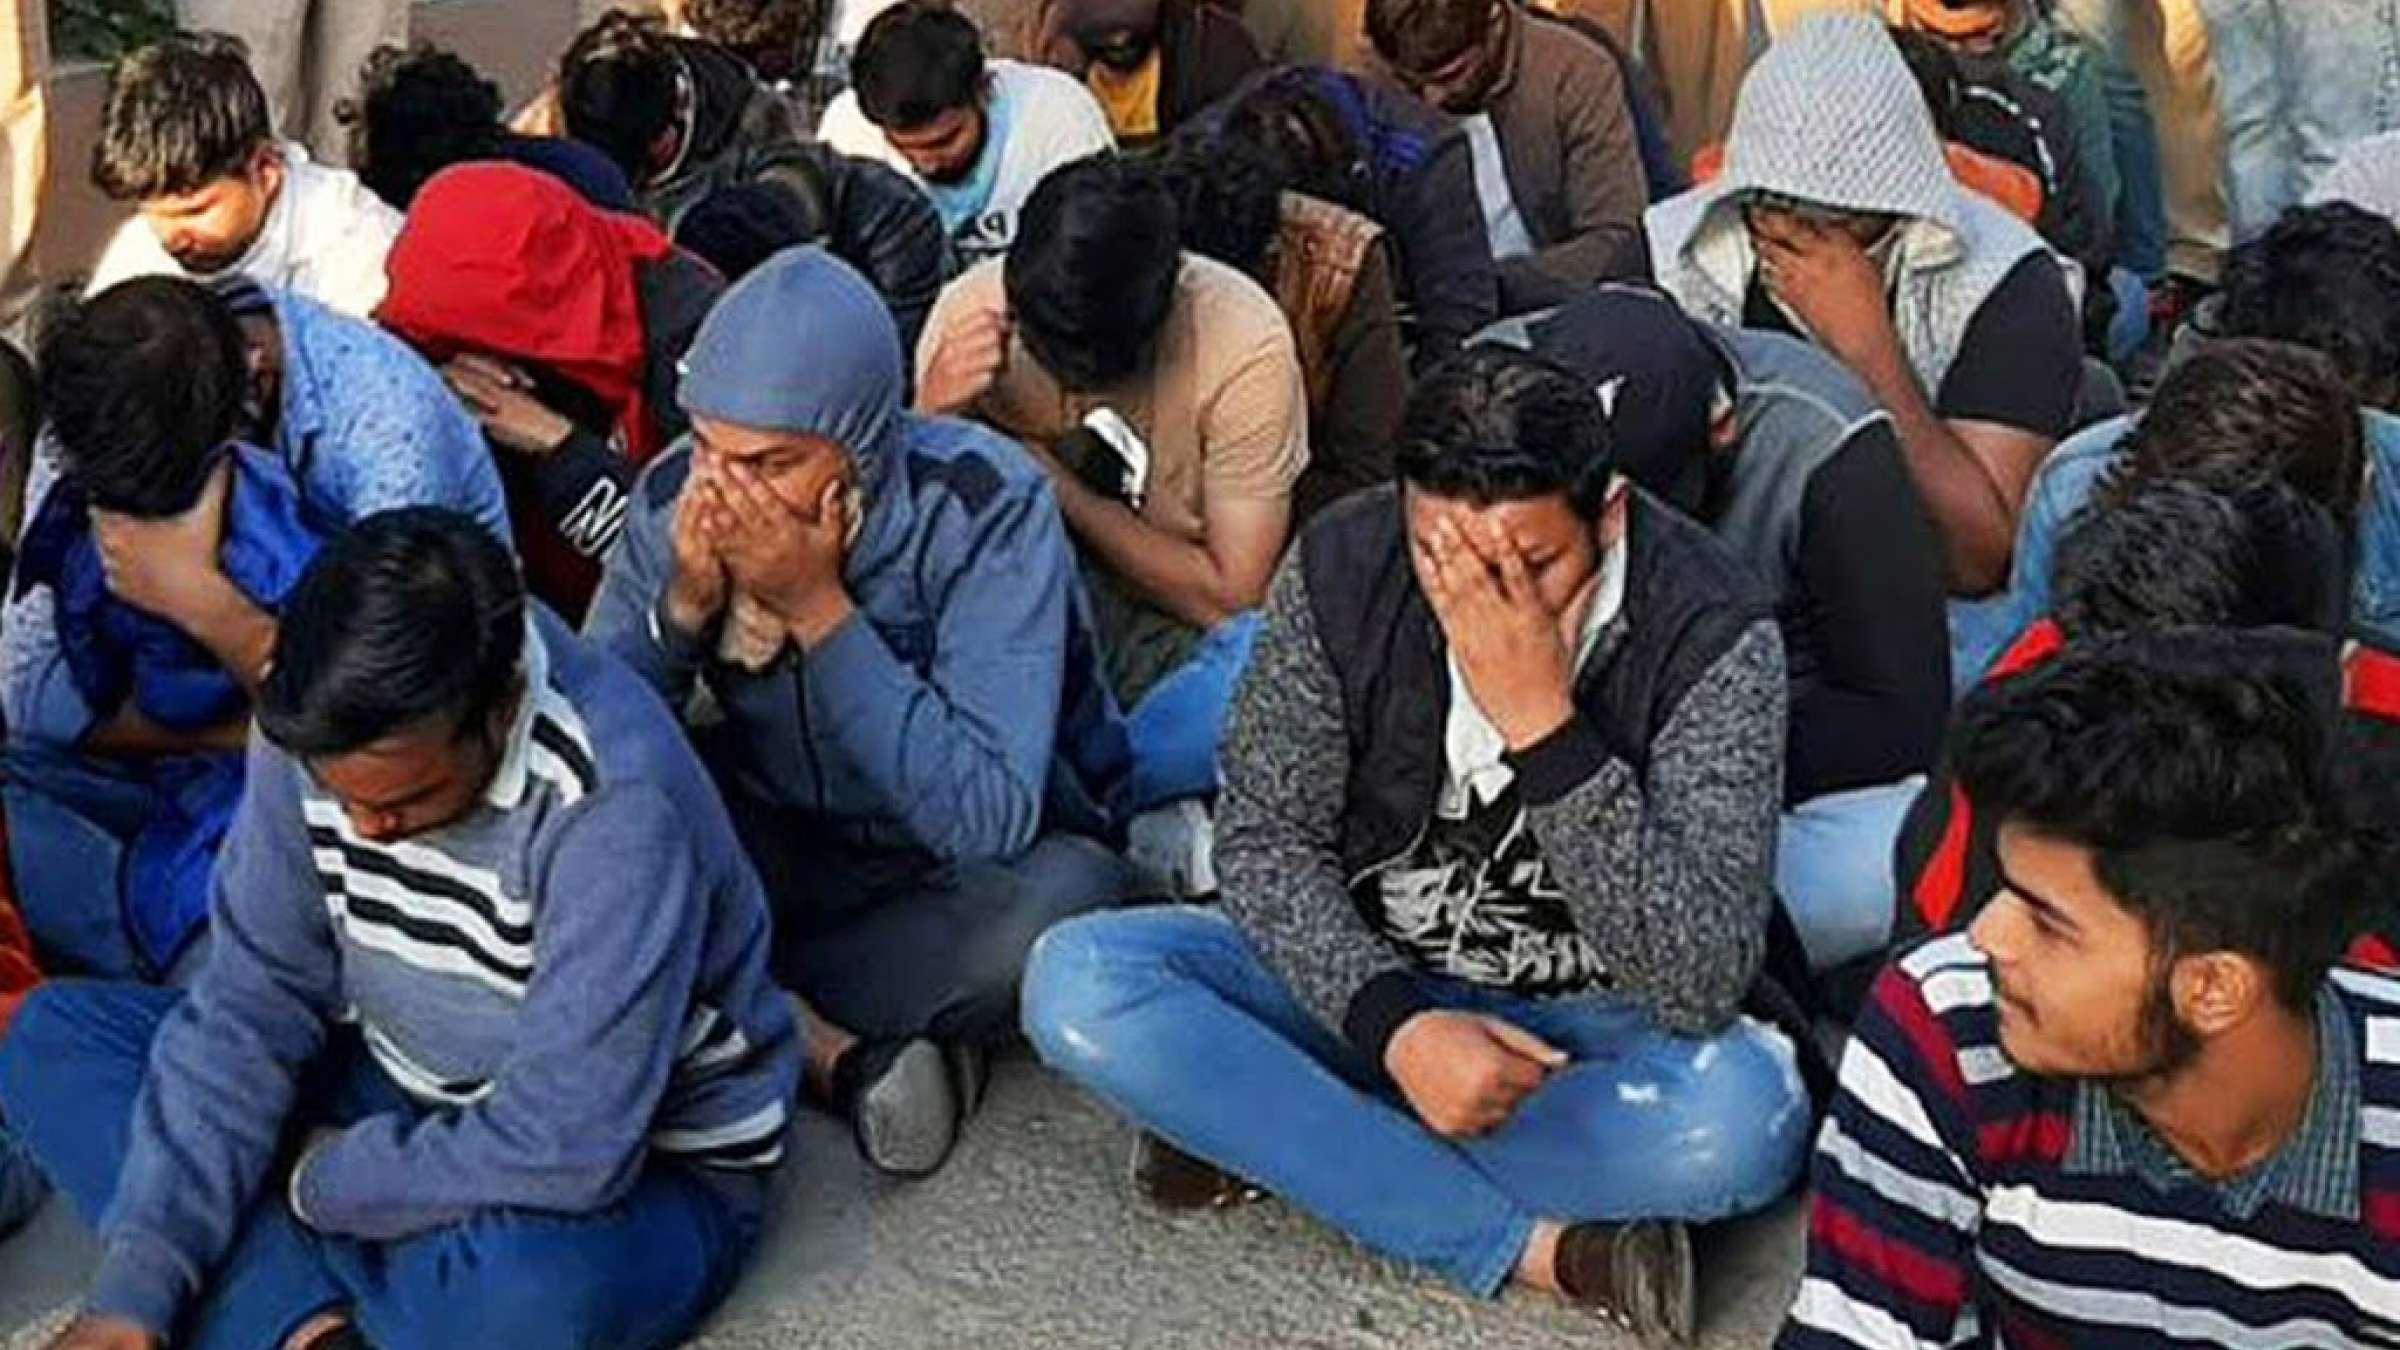 اخبار-کانادا-پلیس-هند-به-مرکز-تلفن-کلاهبرداران-از-کاناداییها-حمله-کرد